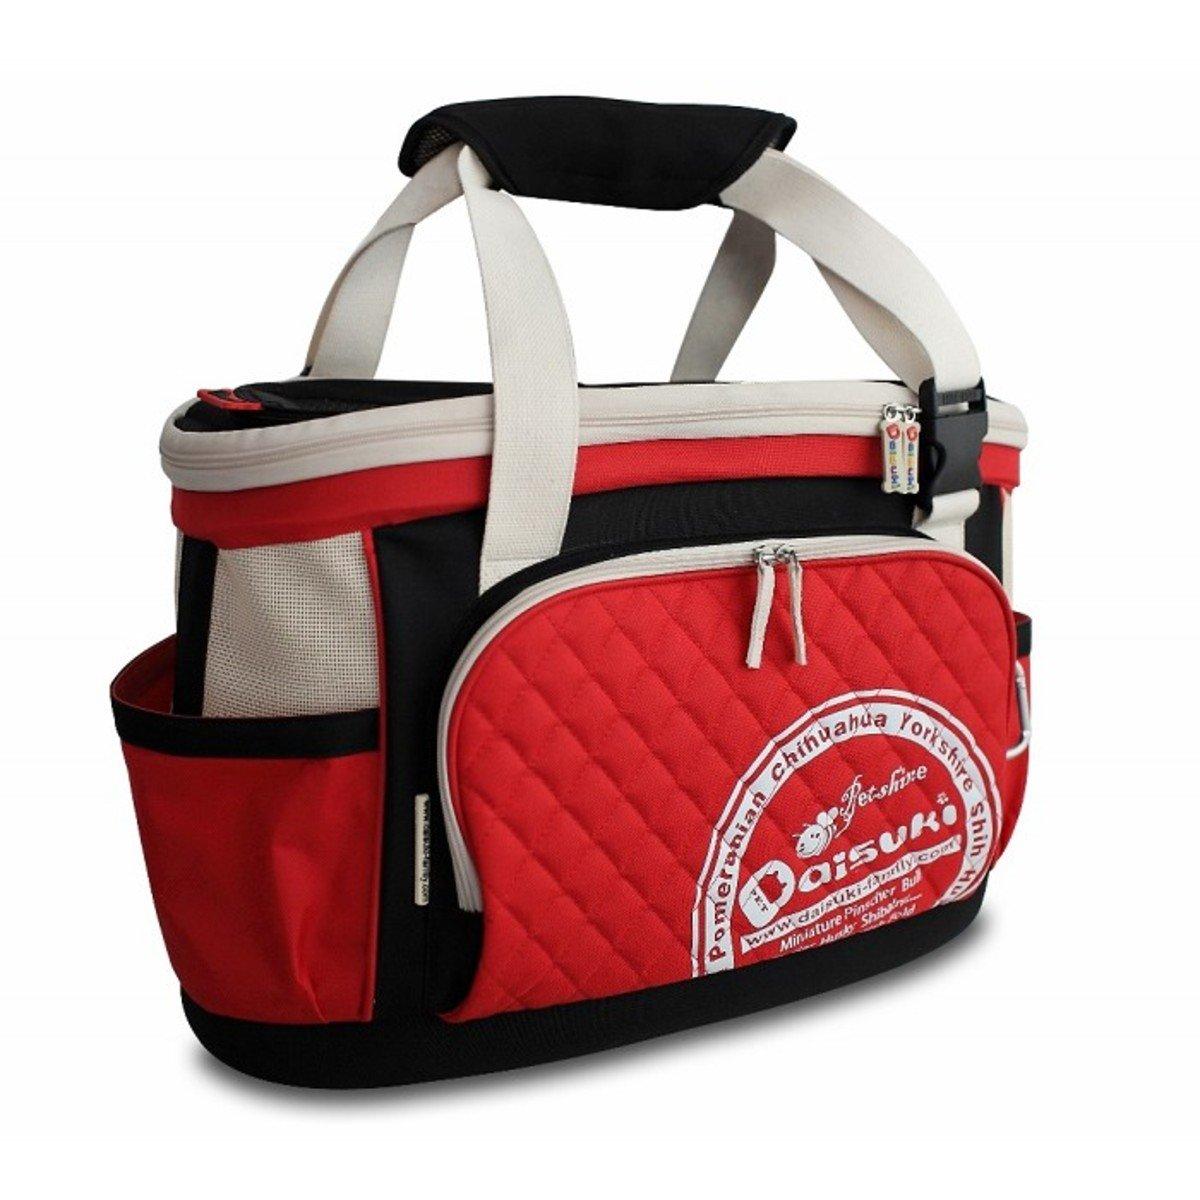 多功能寵物袋(紅色, 大碼)